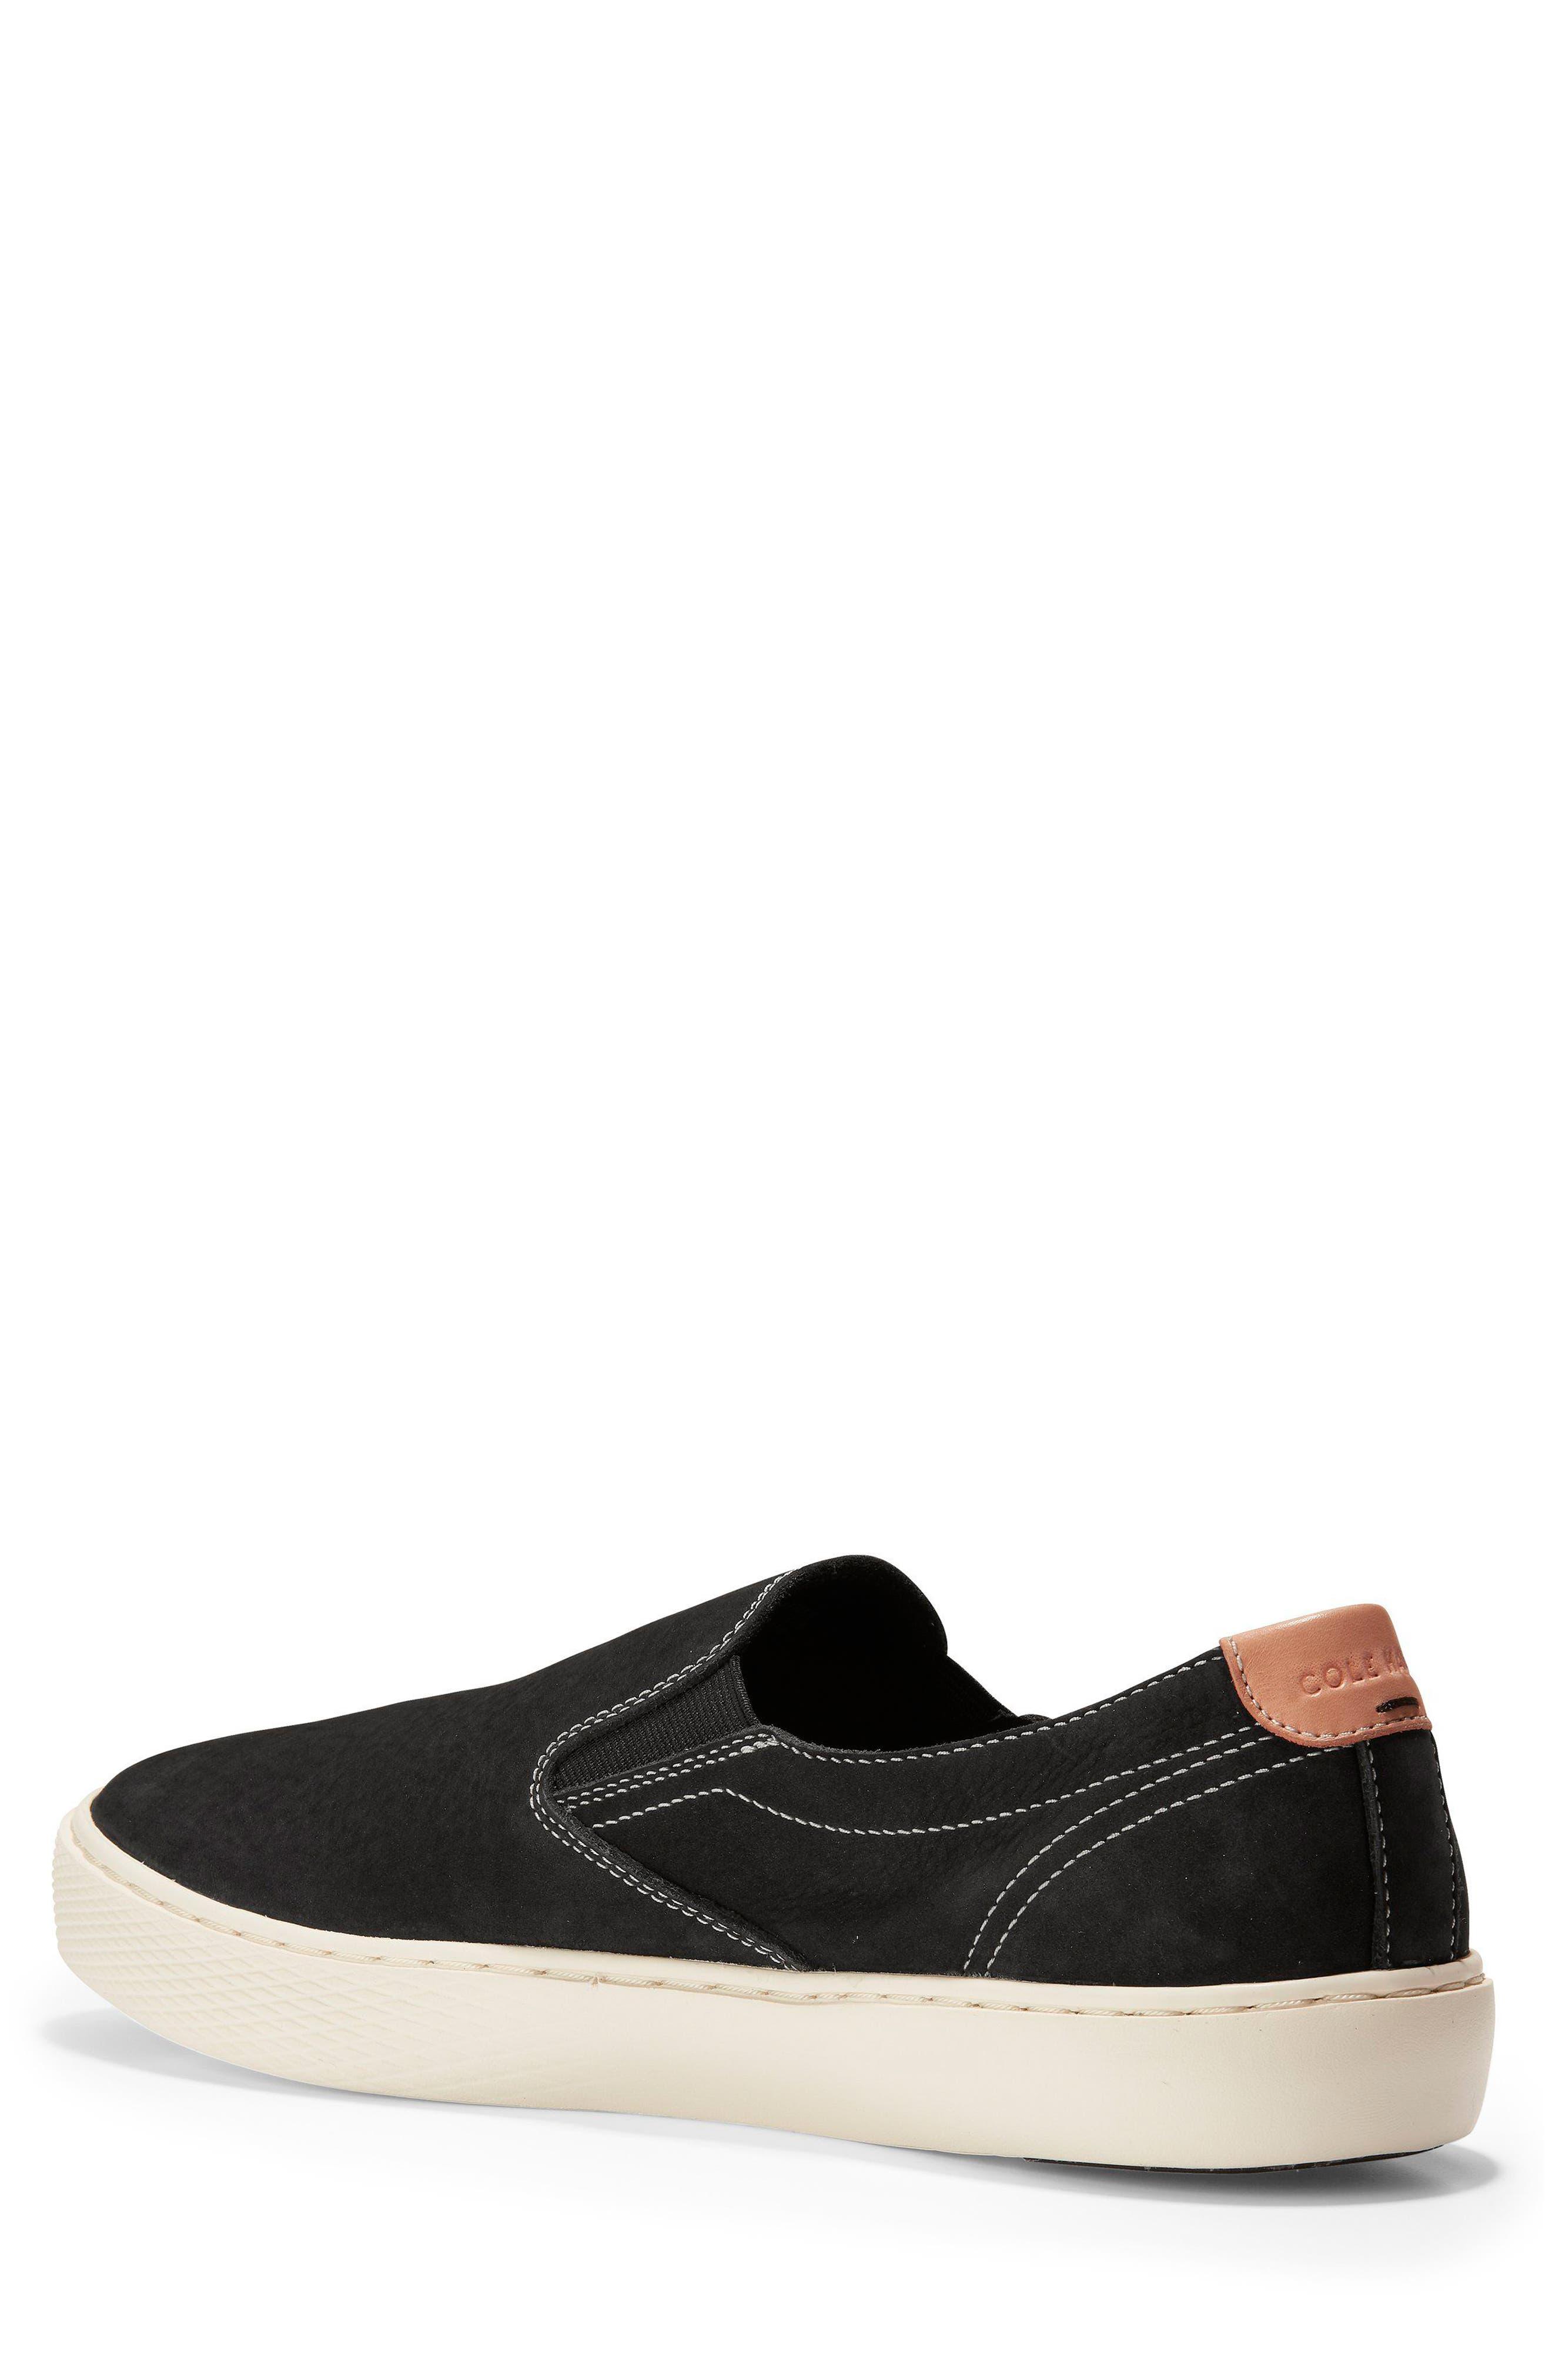 GrandPrø Deck Slip-On Sneaker,                             Alternate thumbnail 2, color,                             BLACK NUBUCK